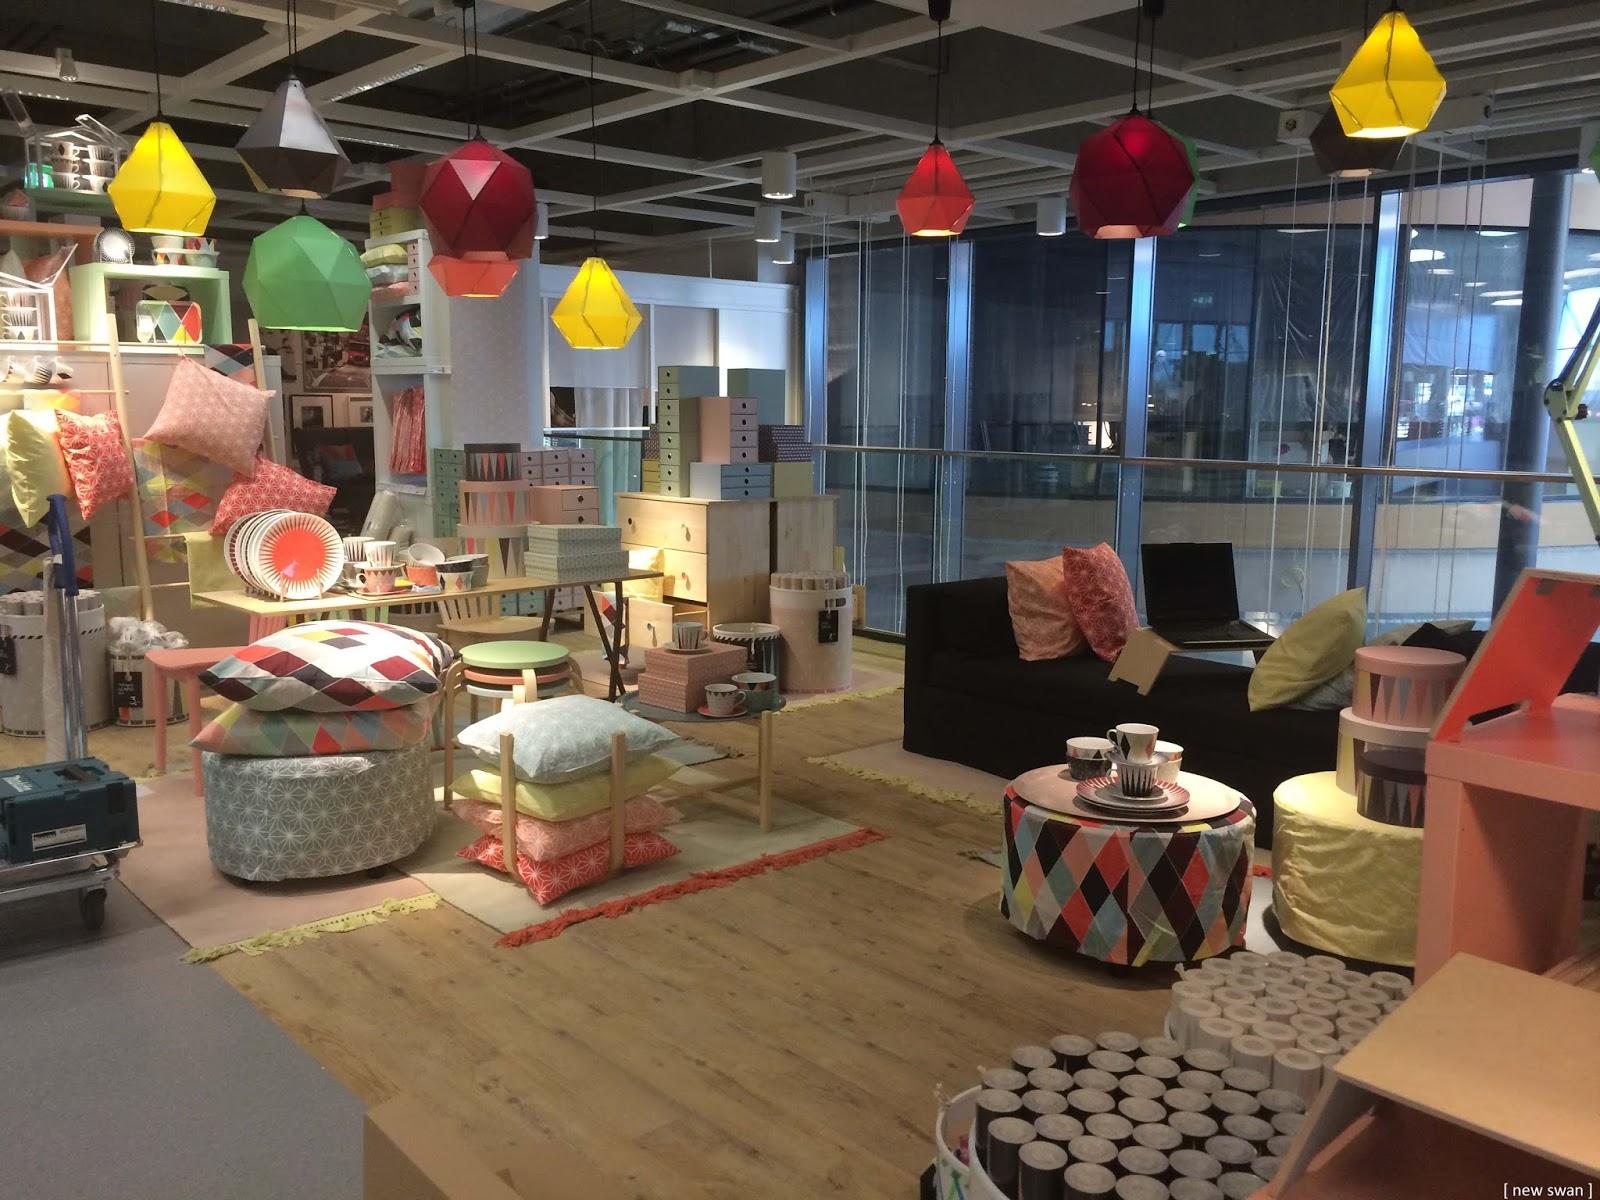 Neueröffnung IKEA in Lübeck